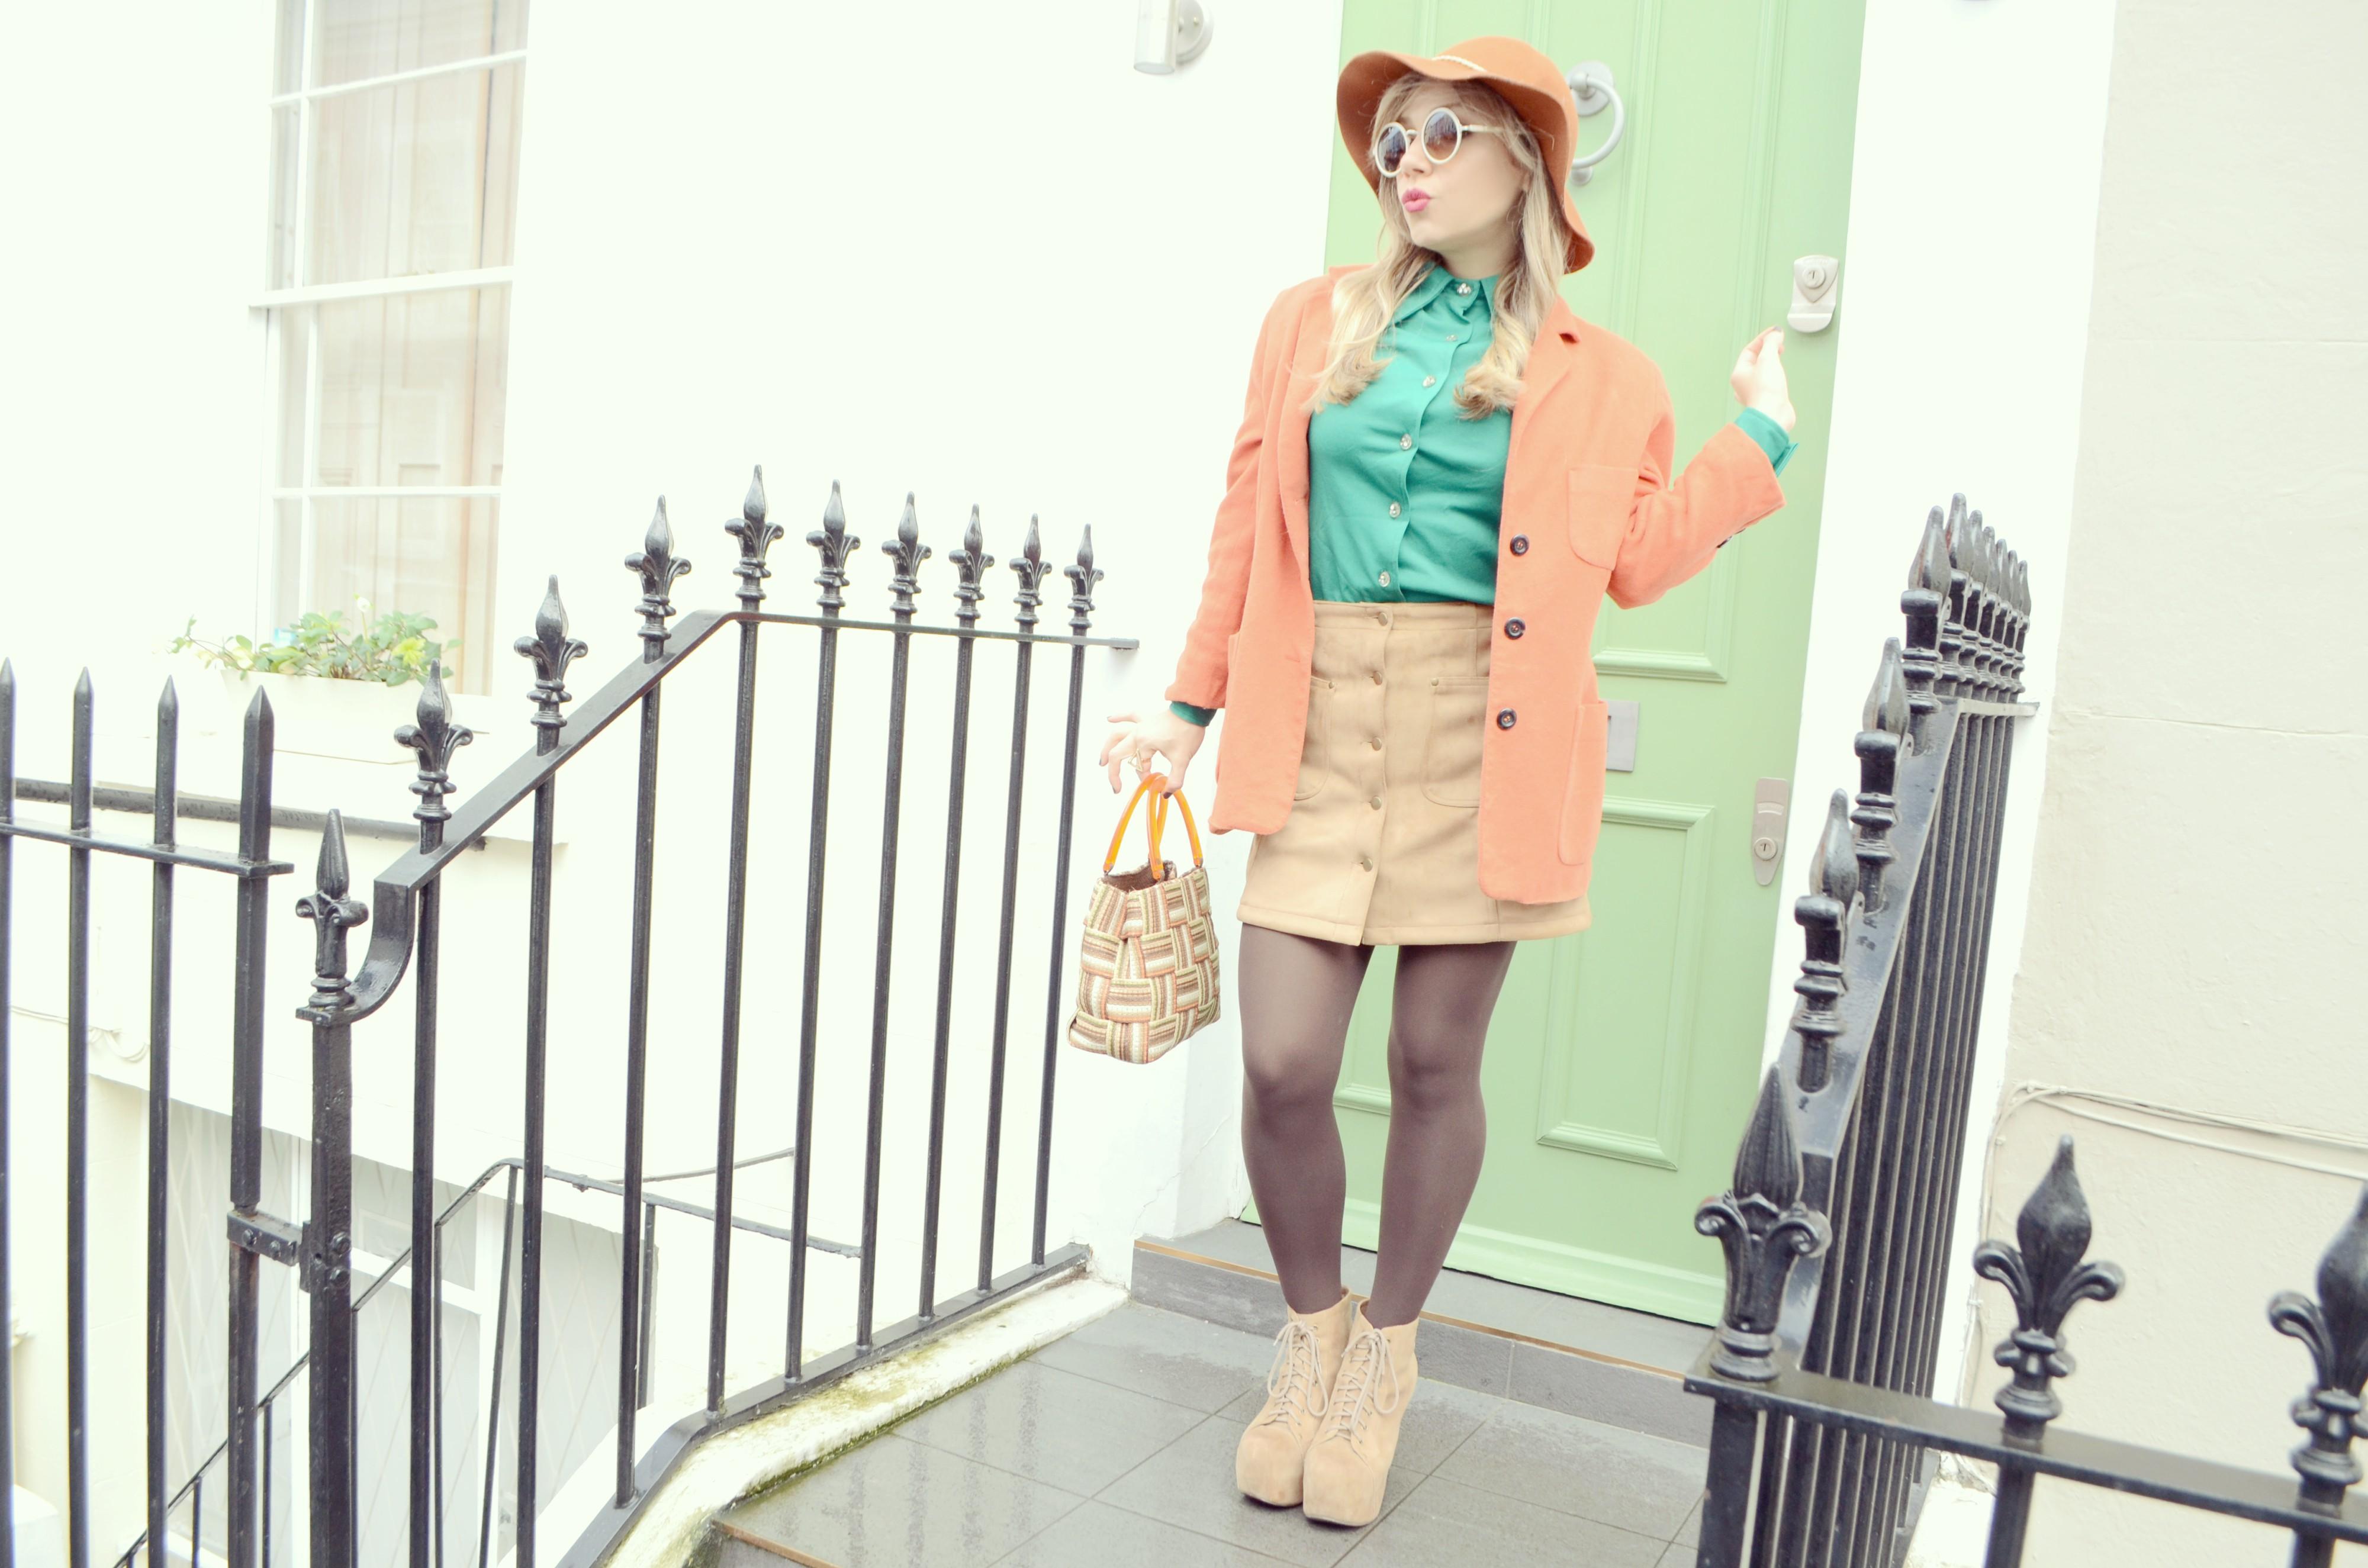 Falda-de-ante-JustFab-camel-look-fashionista-blog-de-moda-Notting-Hill-style-vintage-outfit-orange-blazer-PiensaenChic-Piensa-en-Chic